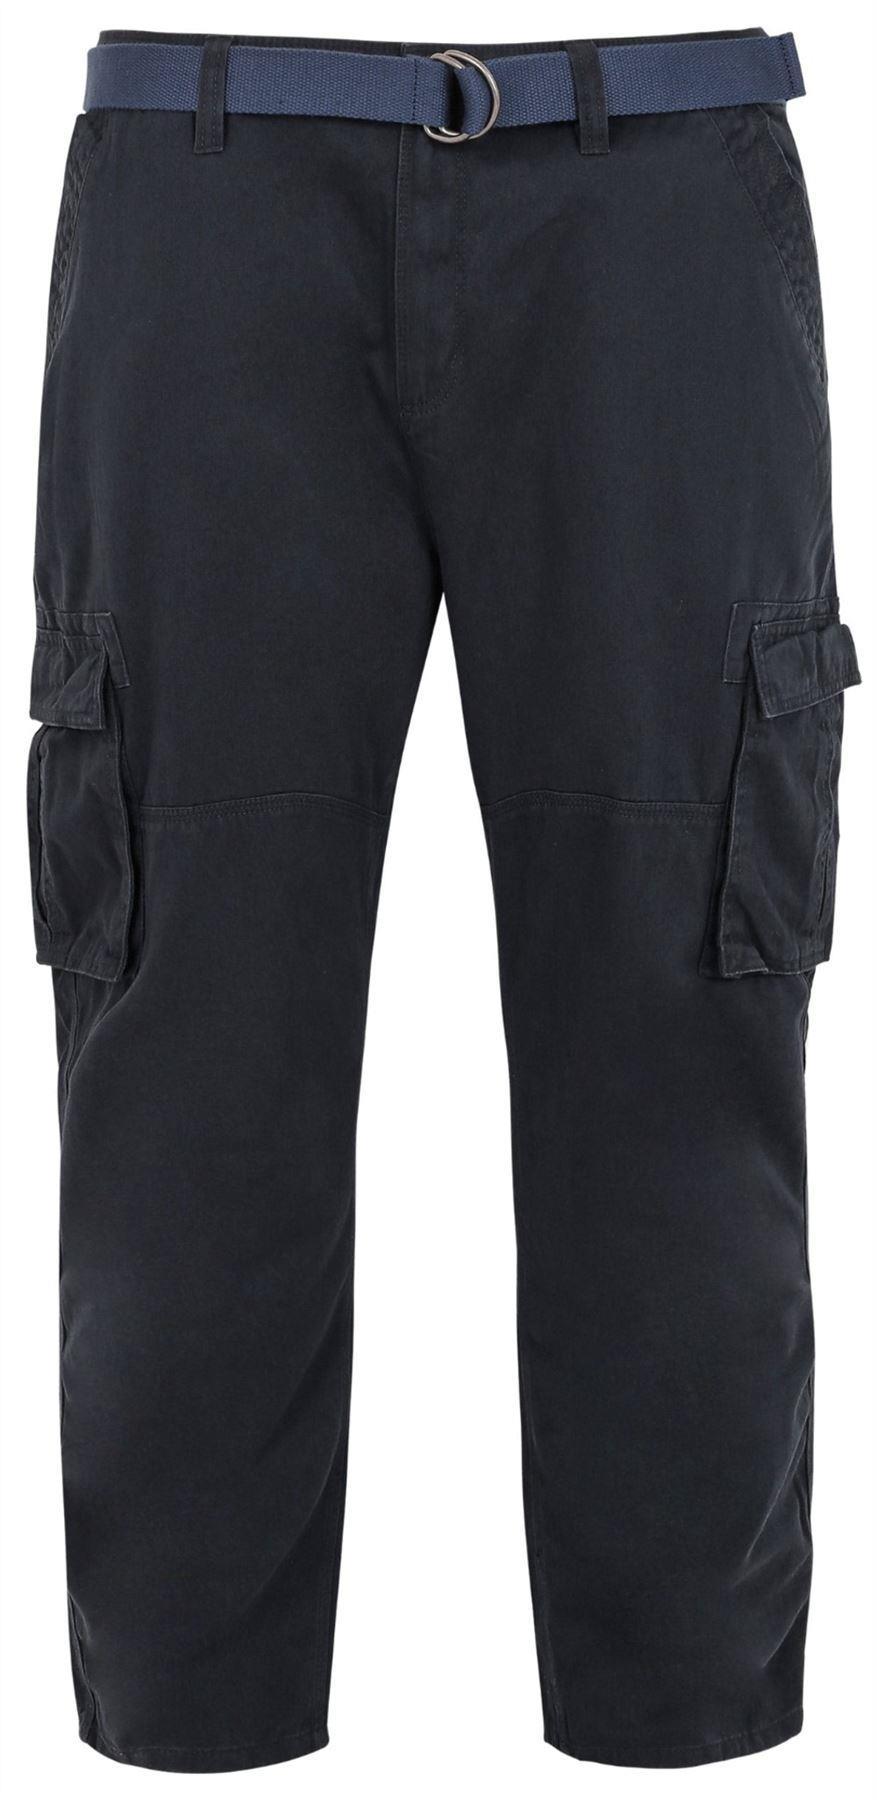 Bad Rhino Cargo Trousers - Navy|48W34L